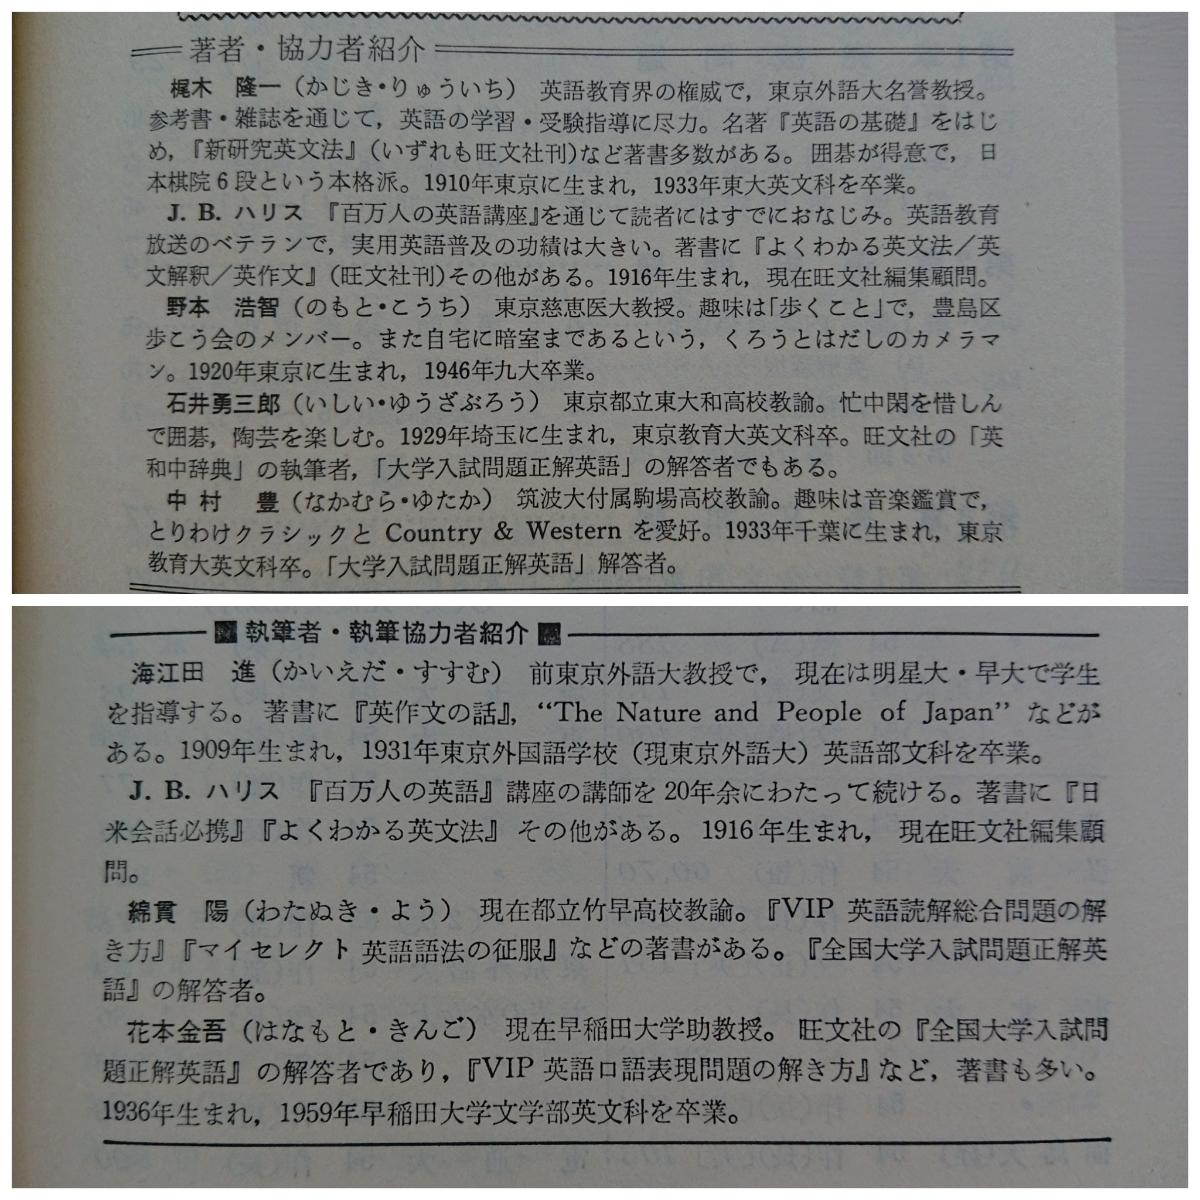 傾向と対策 英文解釈、英作・文法 昭和55年度(1980年) 梶木隆一,海江田 進,J.B.ハリス 旺文社 英語/大学受験/55年入試への徹底対策 _画像4